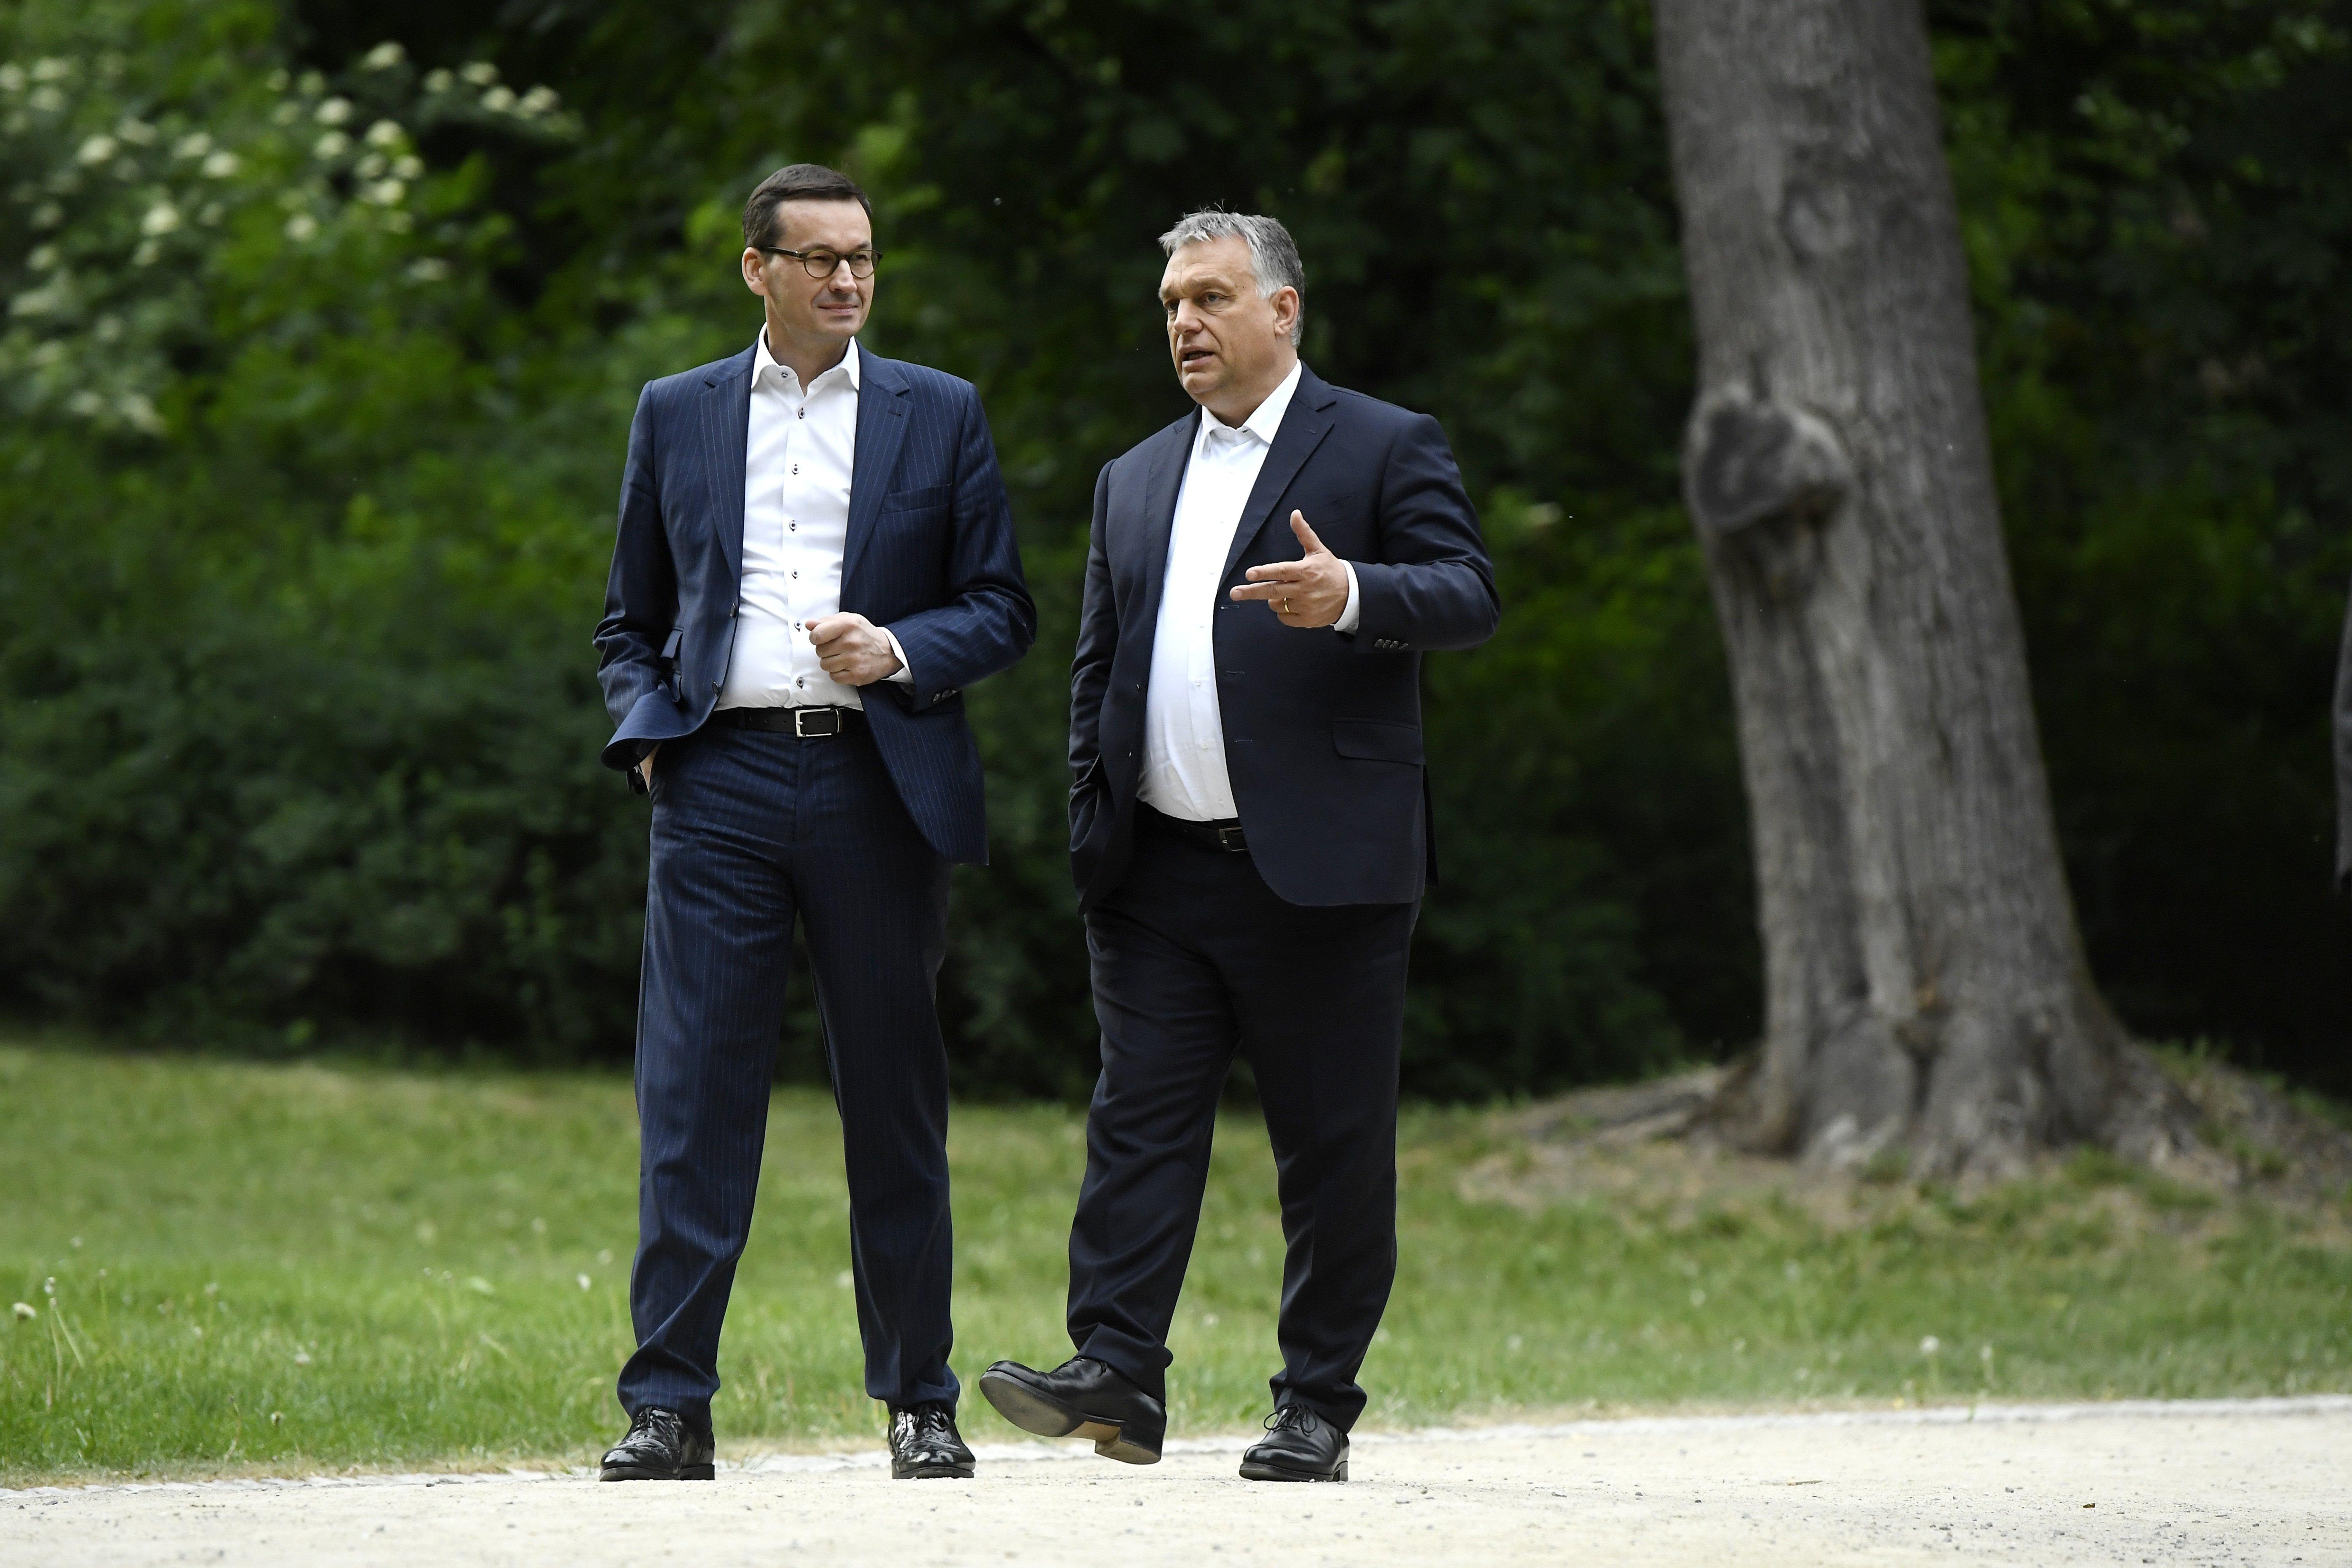 Magyarország megvétózza a Lengyelország elleni szankciókat